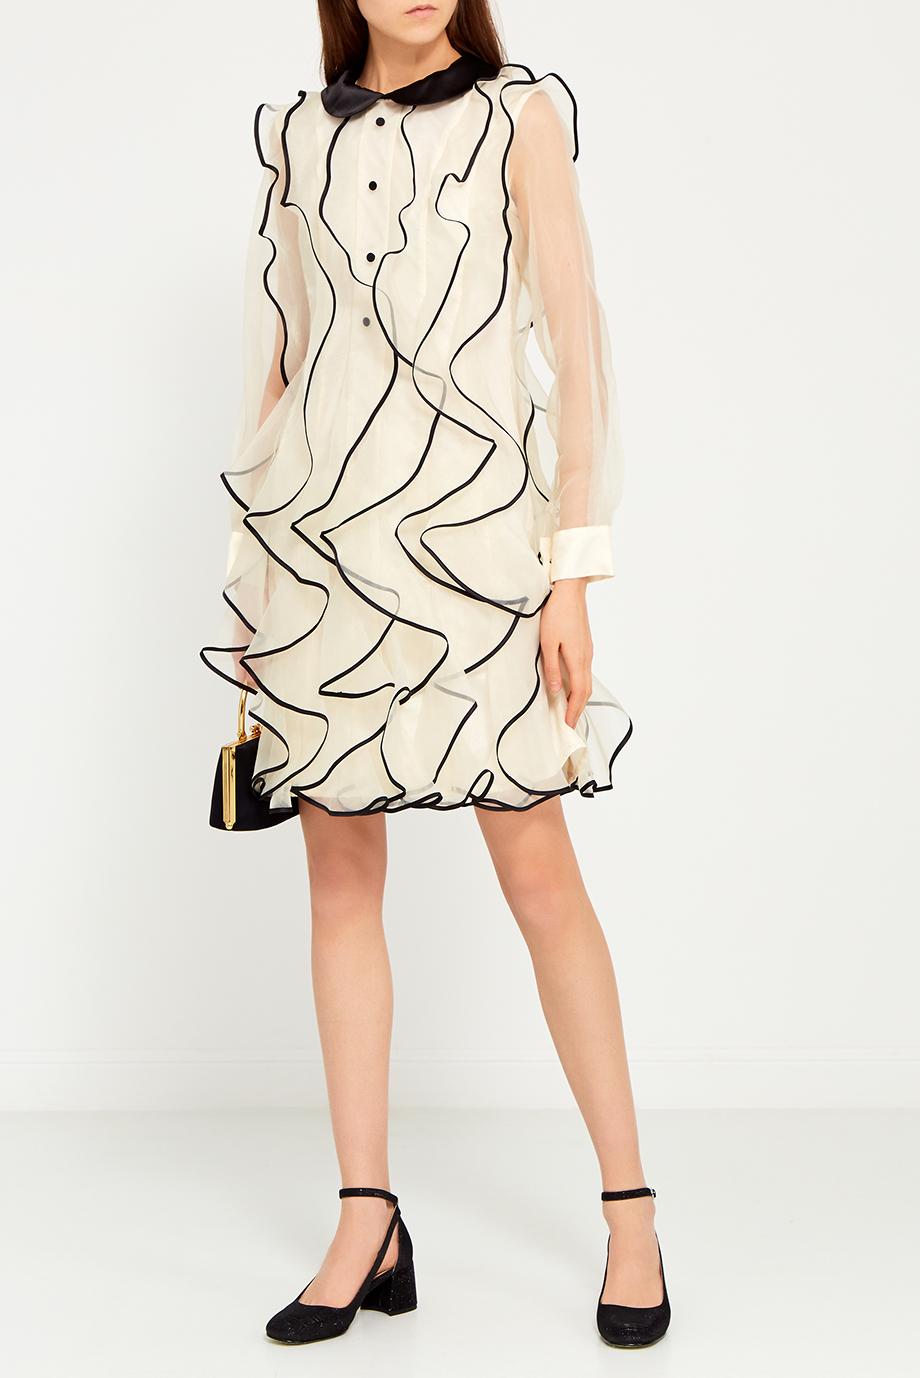 0edac9ad436 Шелковое бежевое платье с воланами - в интернет магазине ...